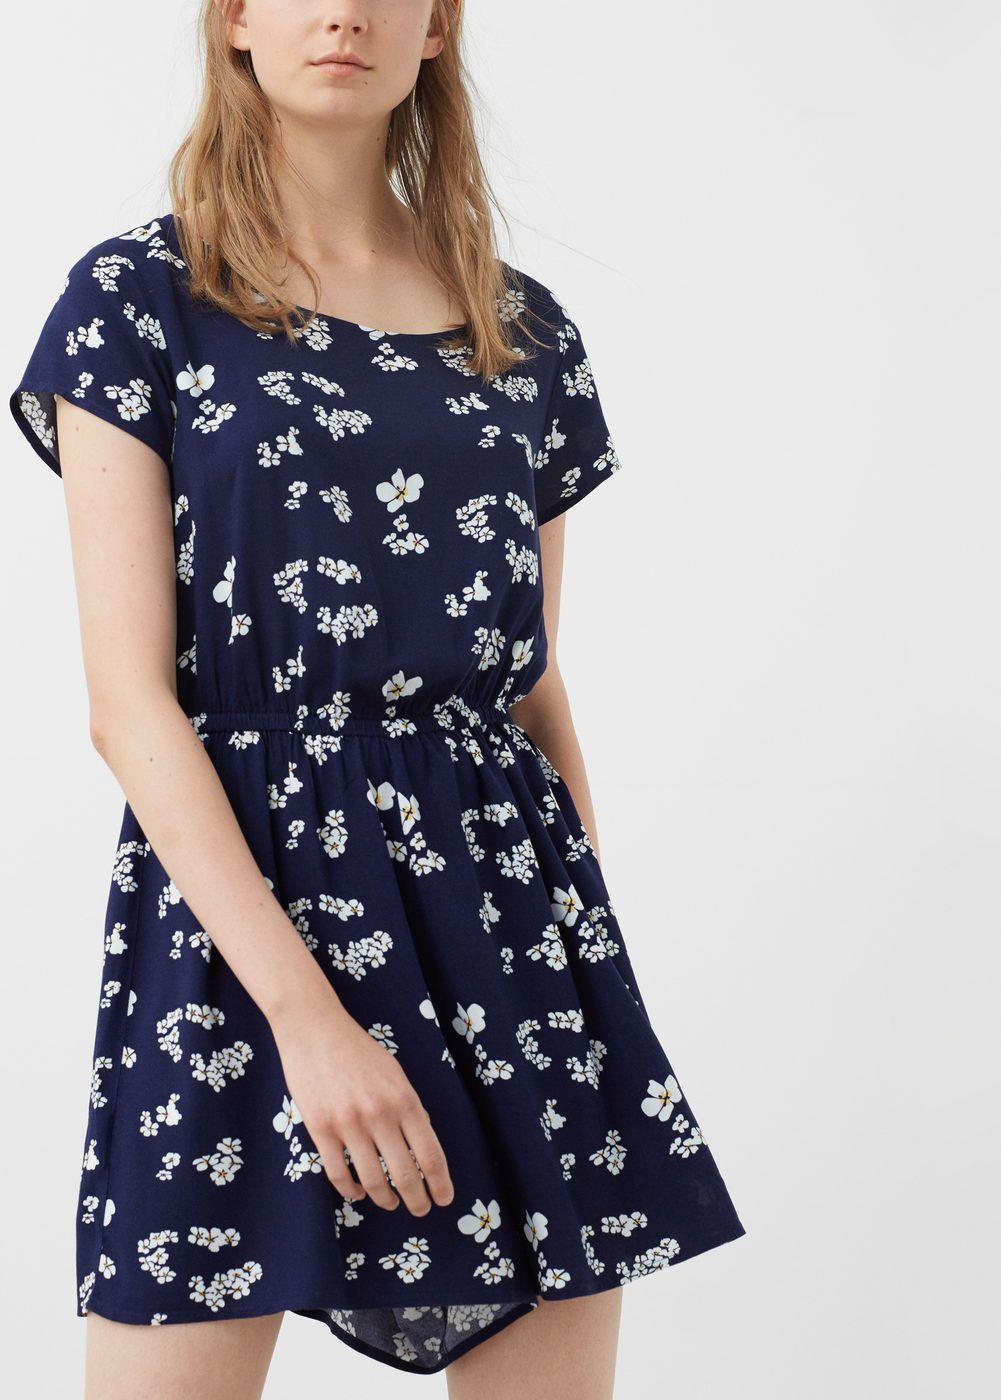 combi short fleurs femme tenue mariage pinterest combinaison pour femmes combi short. Black Bedroom Furniture Sets. Home Design Ideas